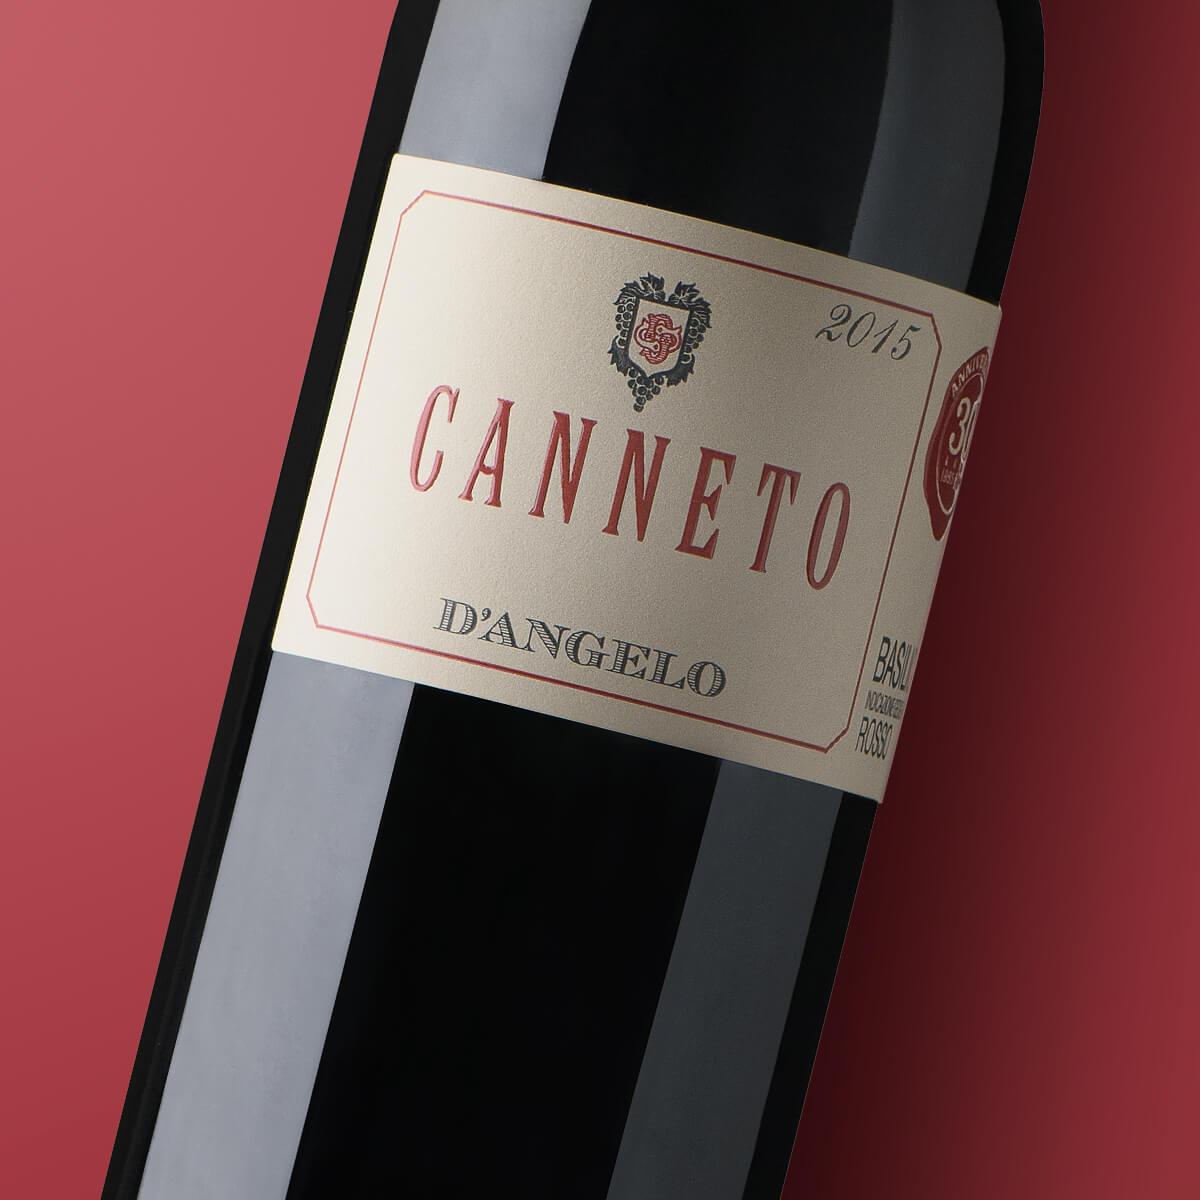 canneto vino aglianico del vulture IGT dangelo